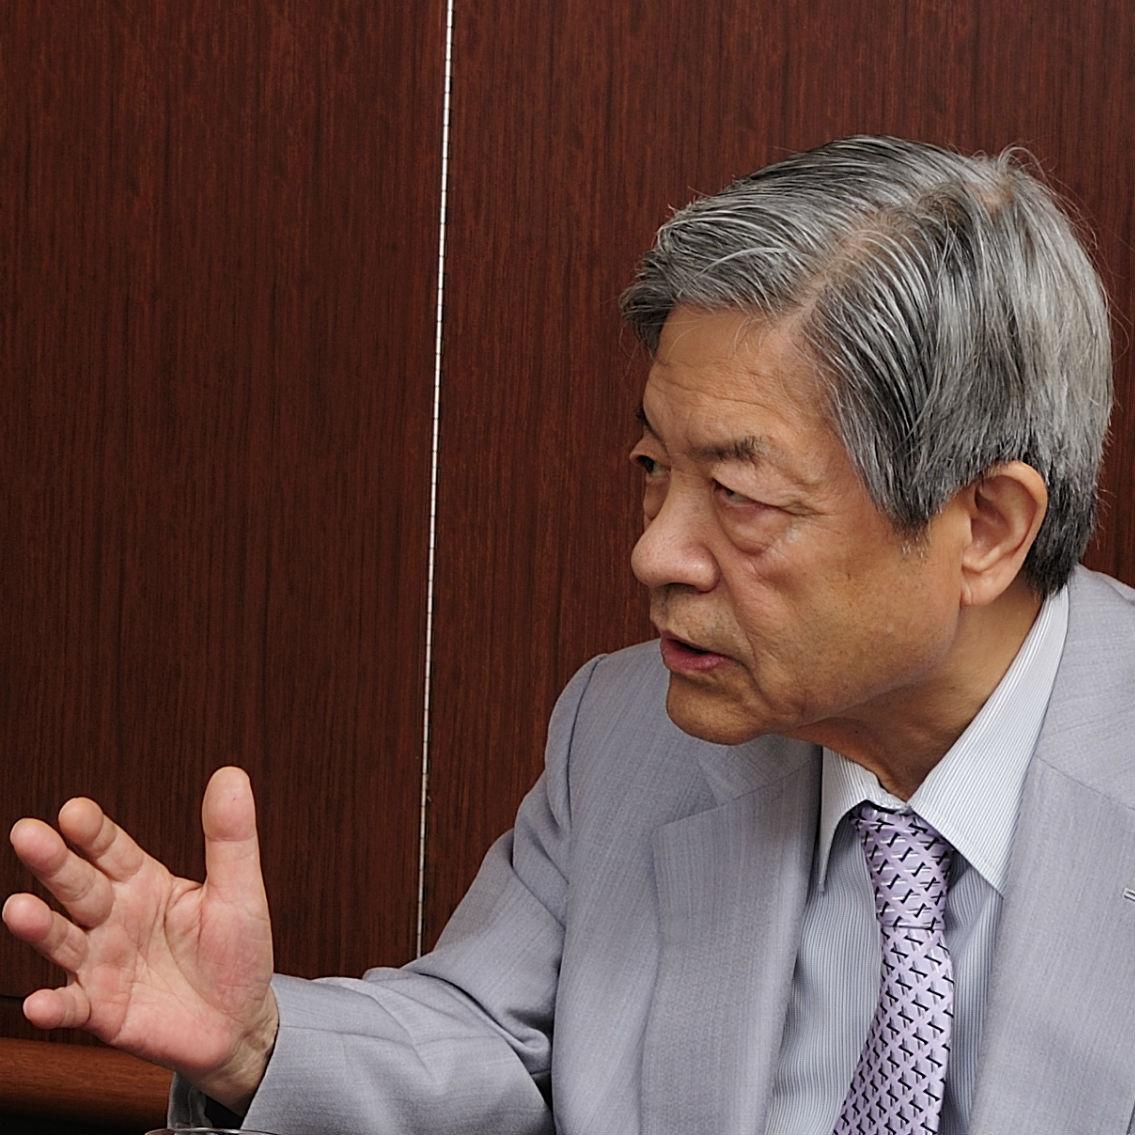 自民党の変貌が日本の政治・マスメディアにあたえた影響とは!?<br />